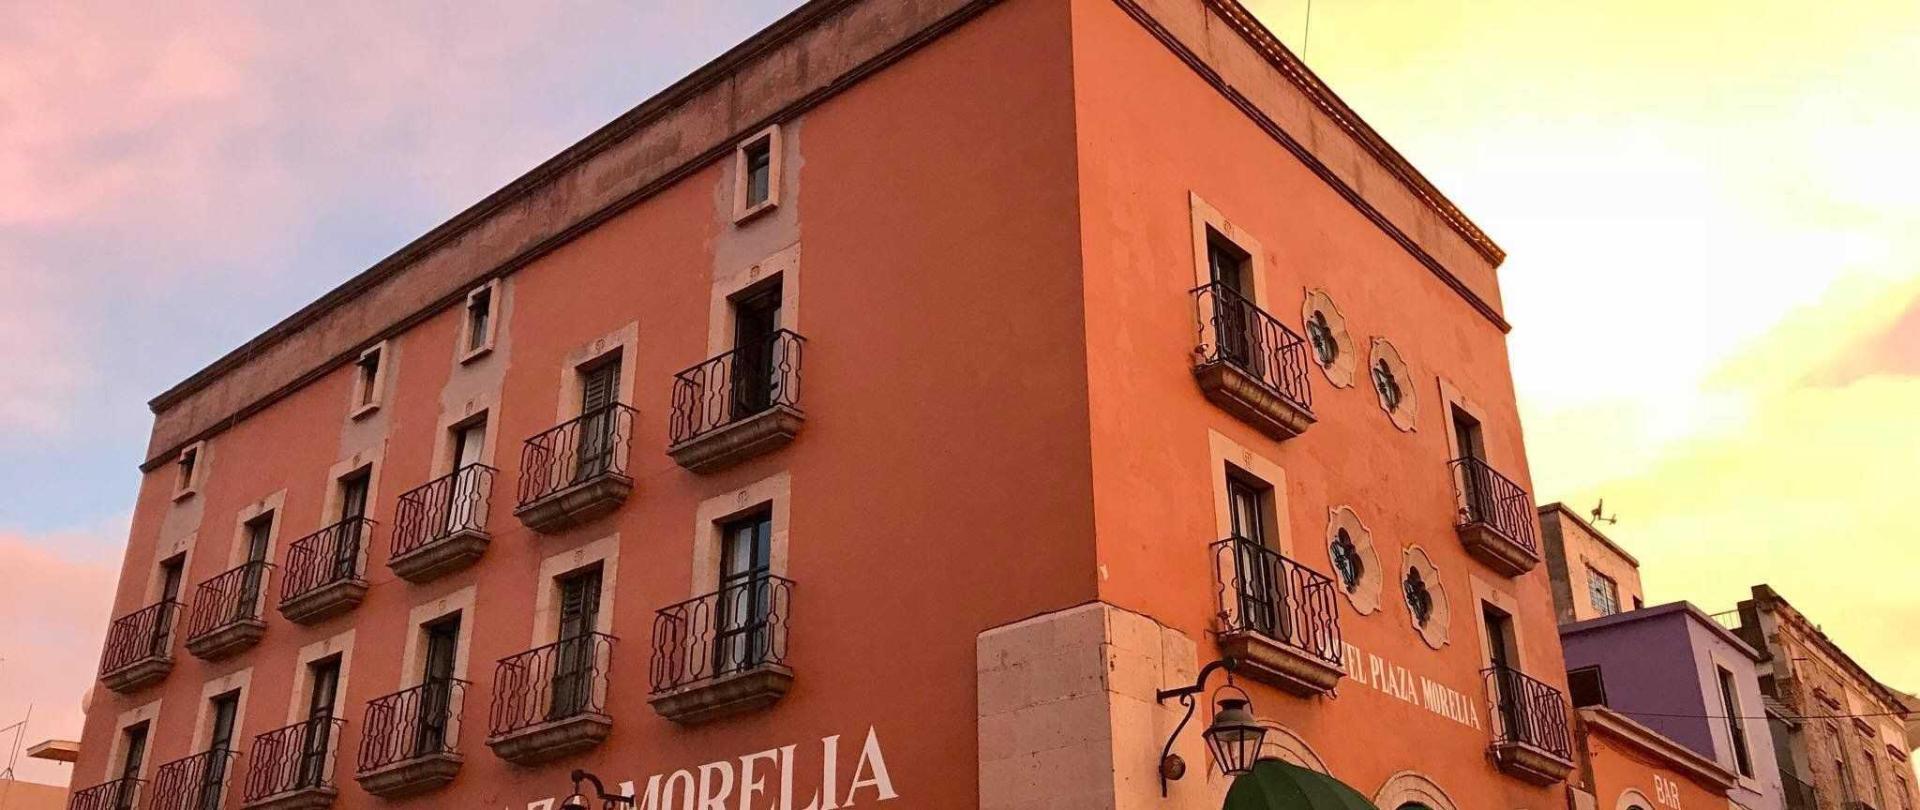 hotel-plaza-morelia-fachada-atardecer.jpg